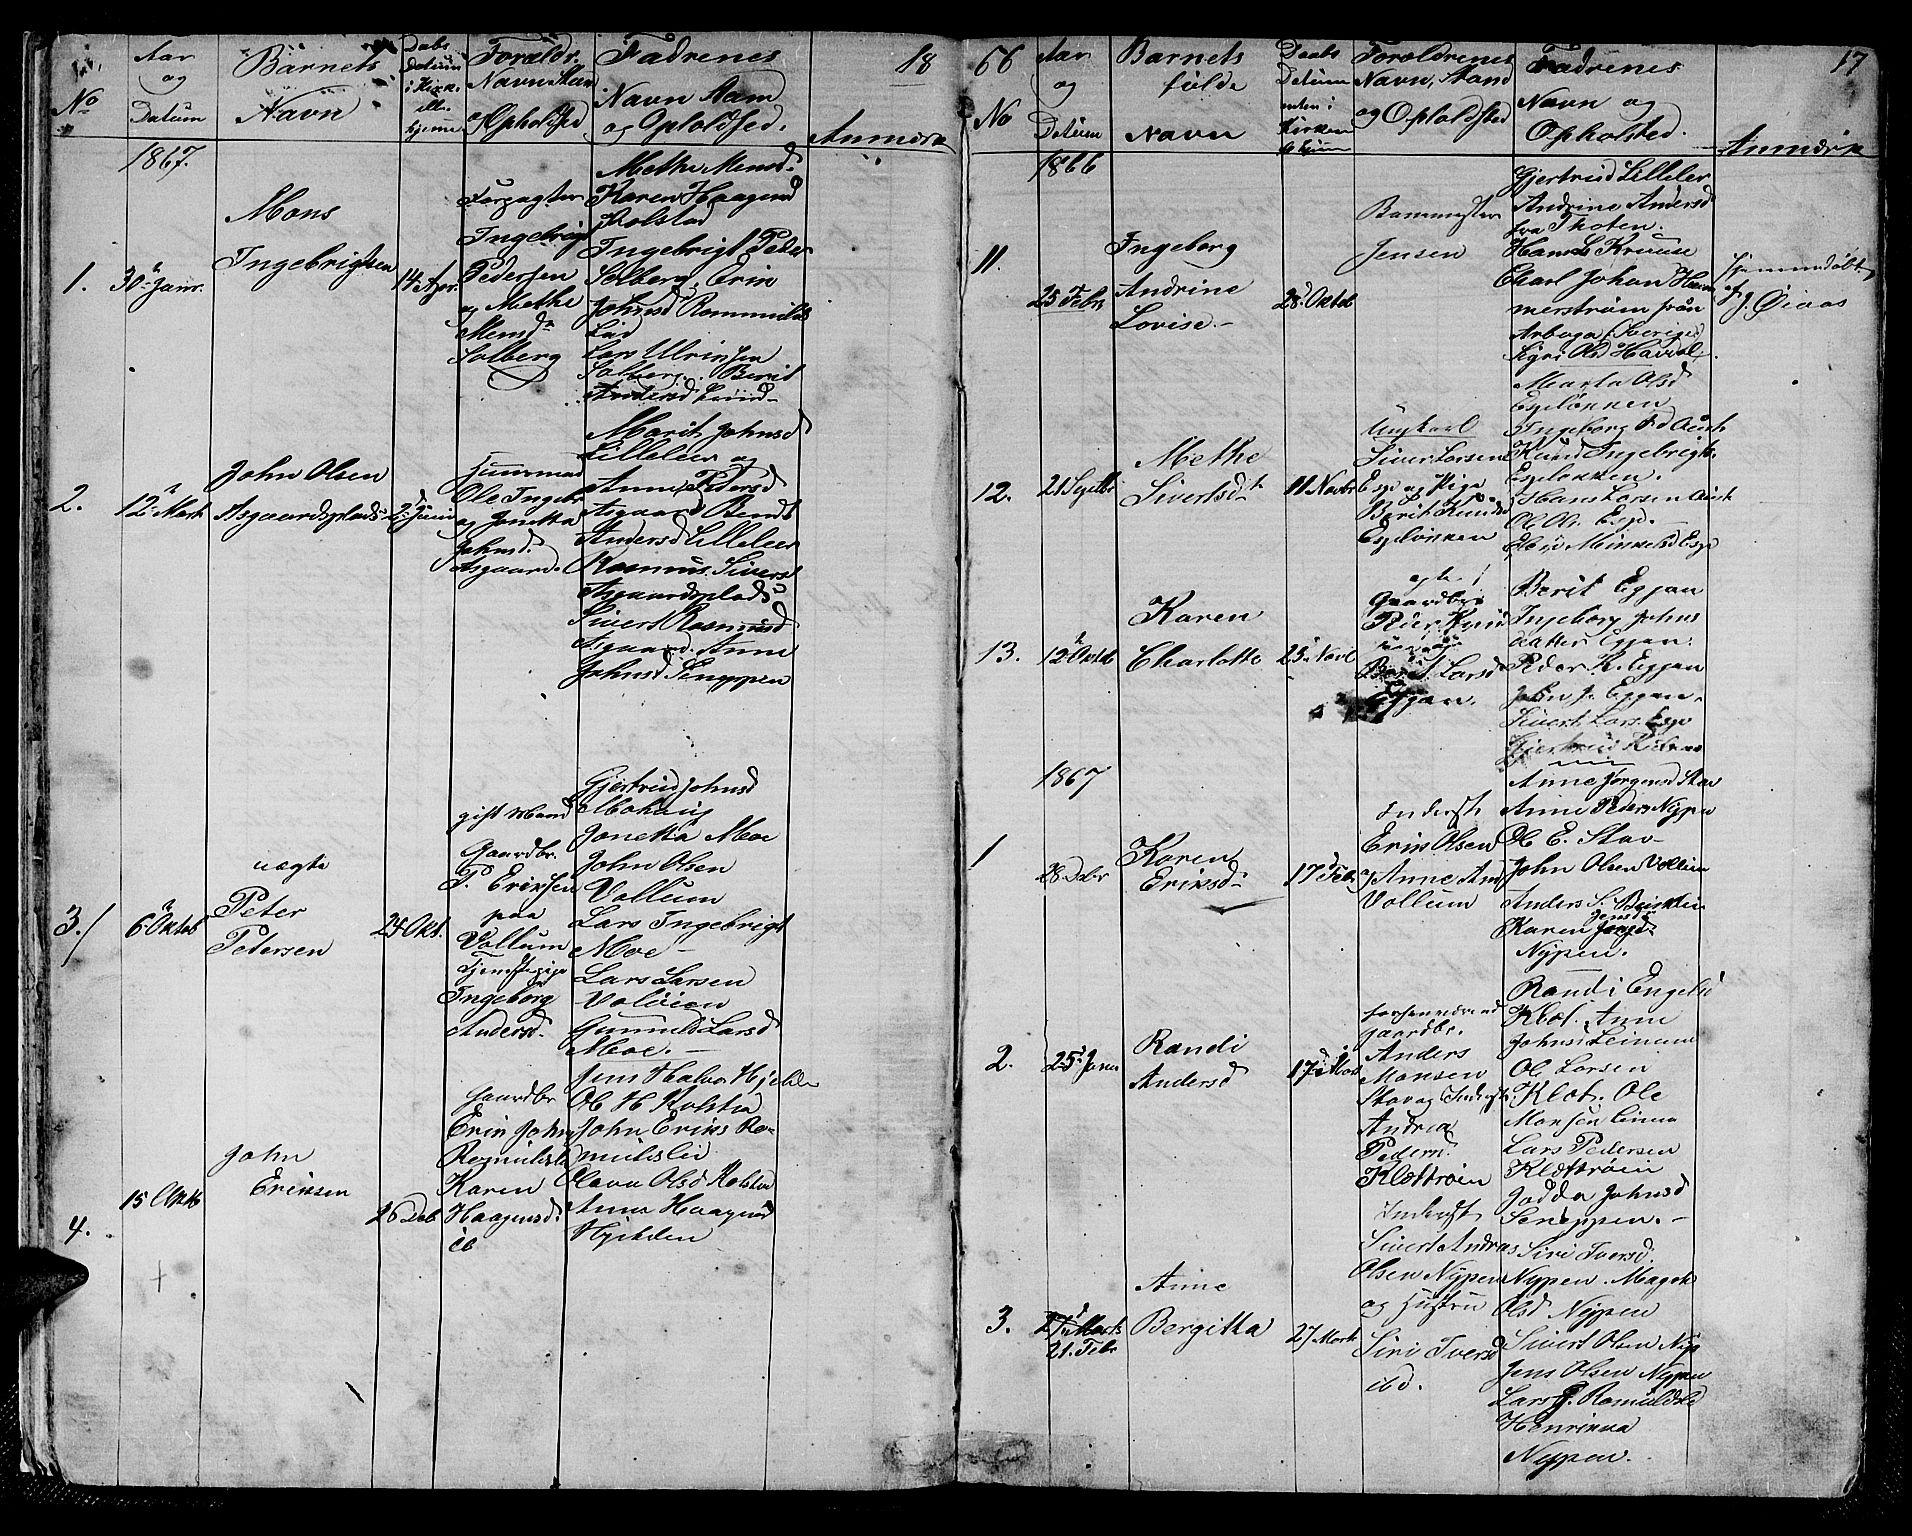 SAT, Ministerialprotokoller, klokkerbøker og fødselsregistre - Sør-Trøndelag, 613/L0394: Klokkerbok nr. 613C02, 1862-1886, s. 17